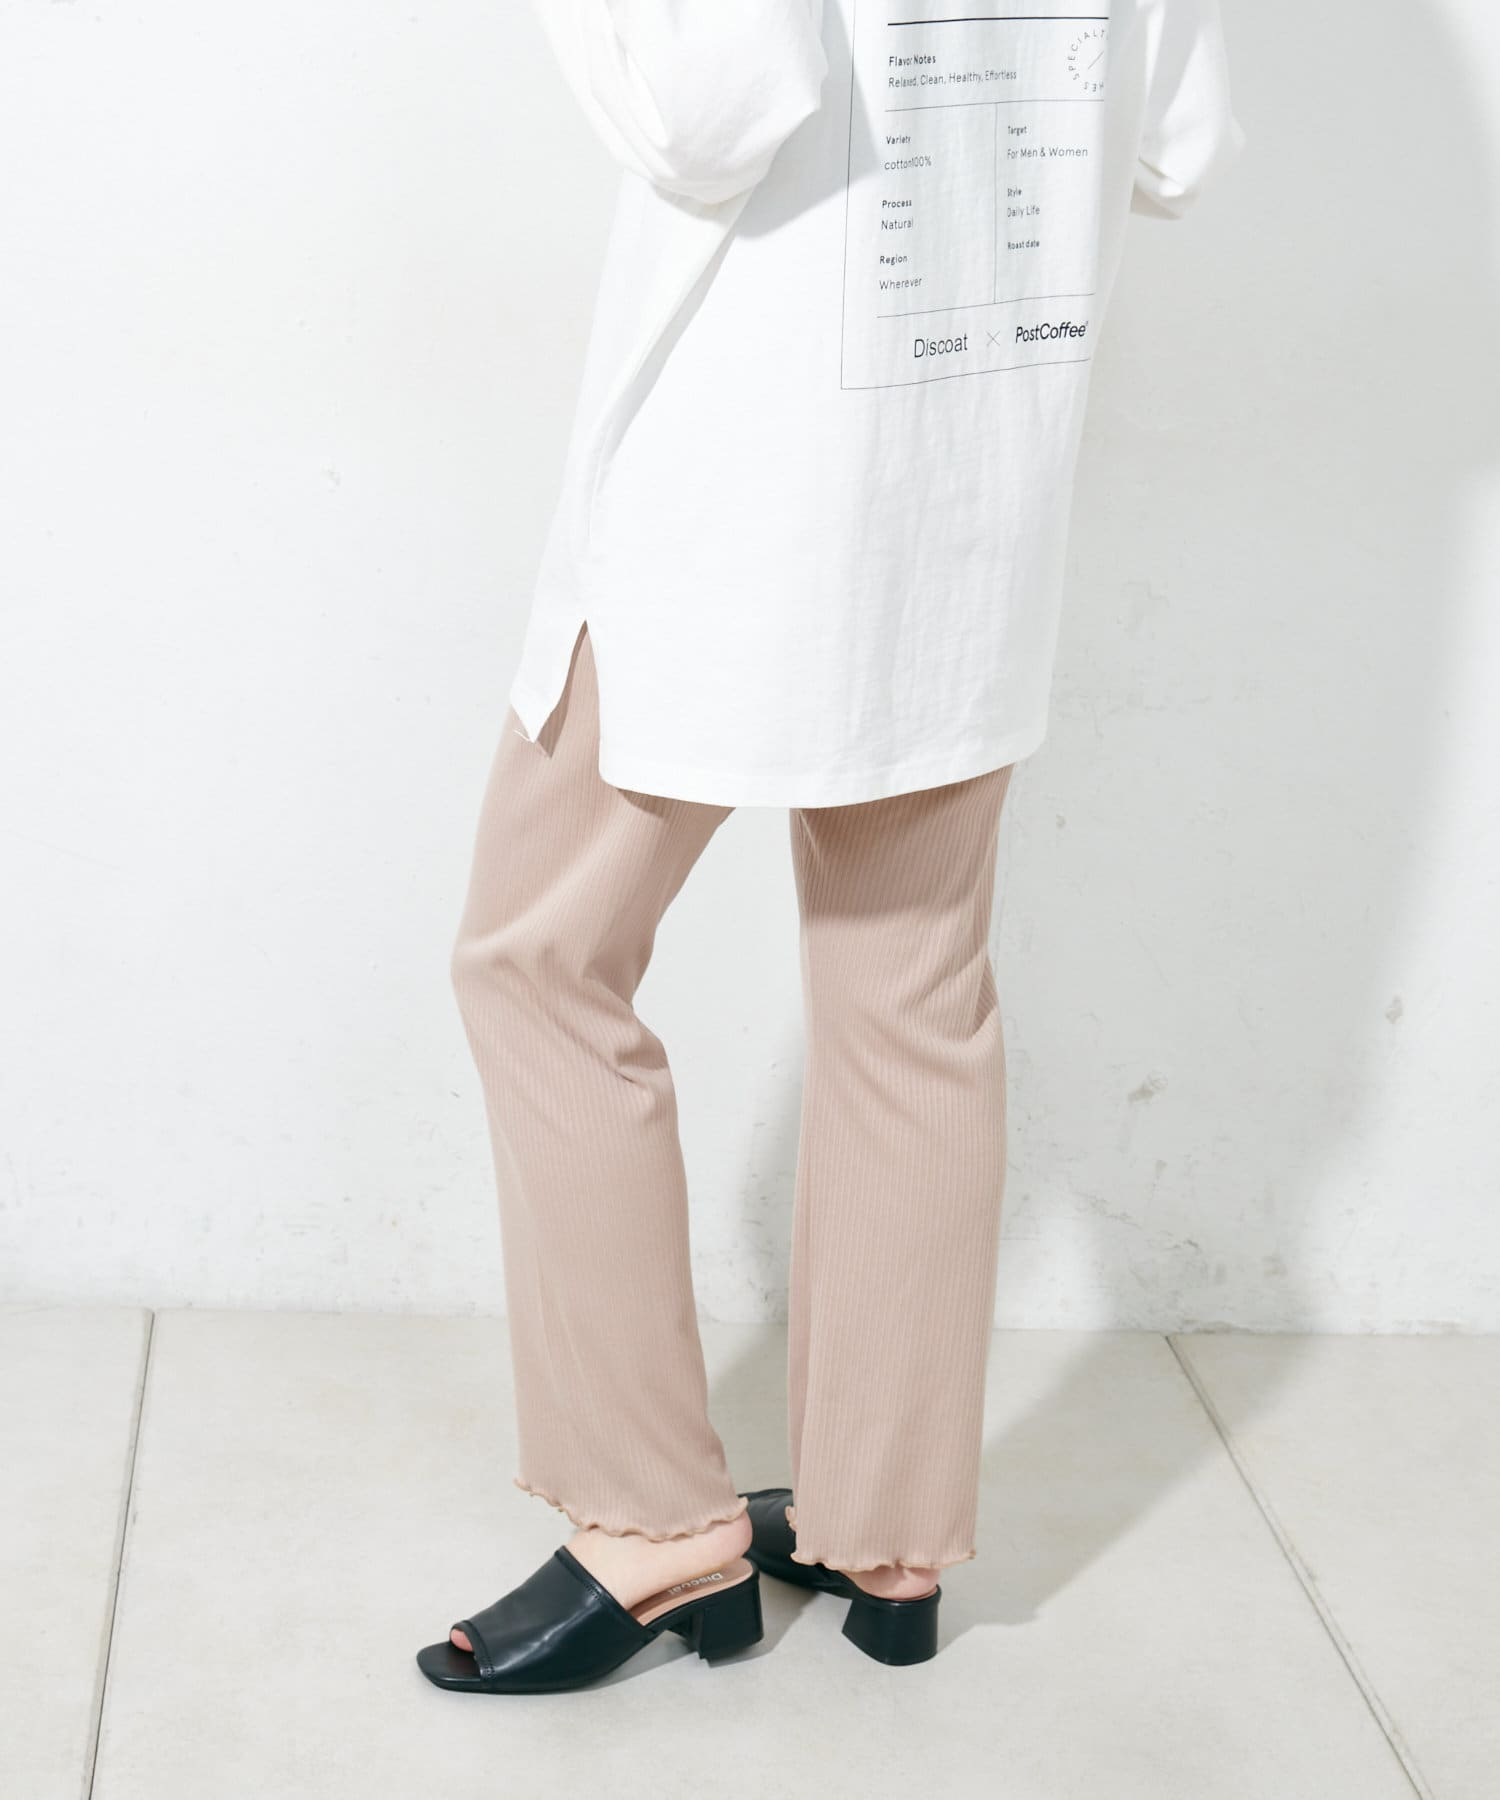 OUTLET(アウトレット) 【Discoat】オソロリブ裾フリルカットパンツ